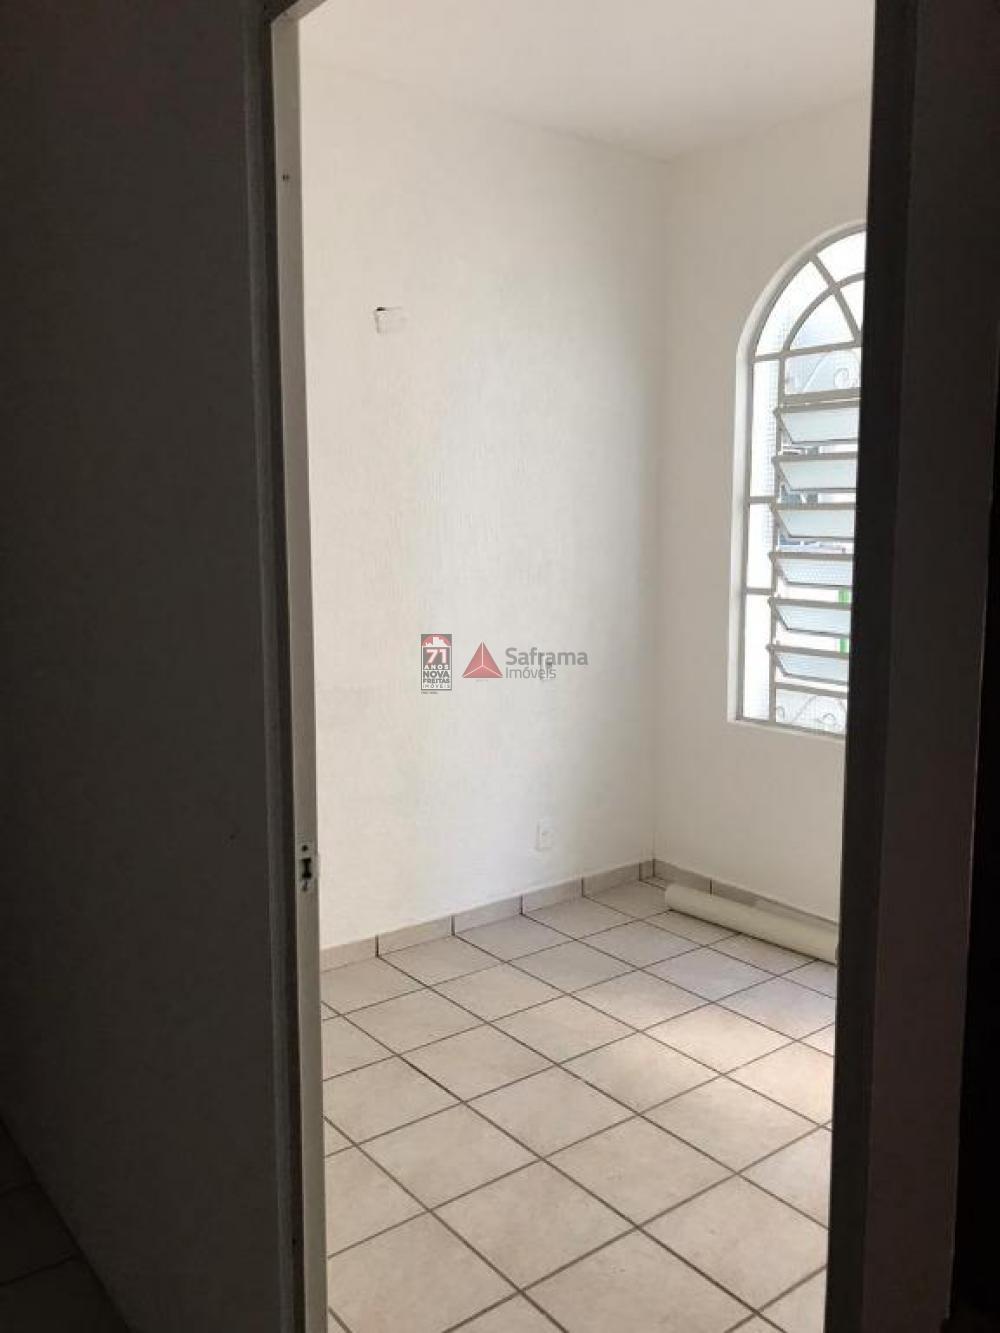 Alugar Comercial / Ponto Comercial em São José dos Campos apenas R$ 1.300,00 - Foto 4